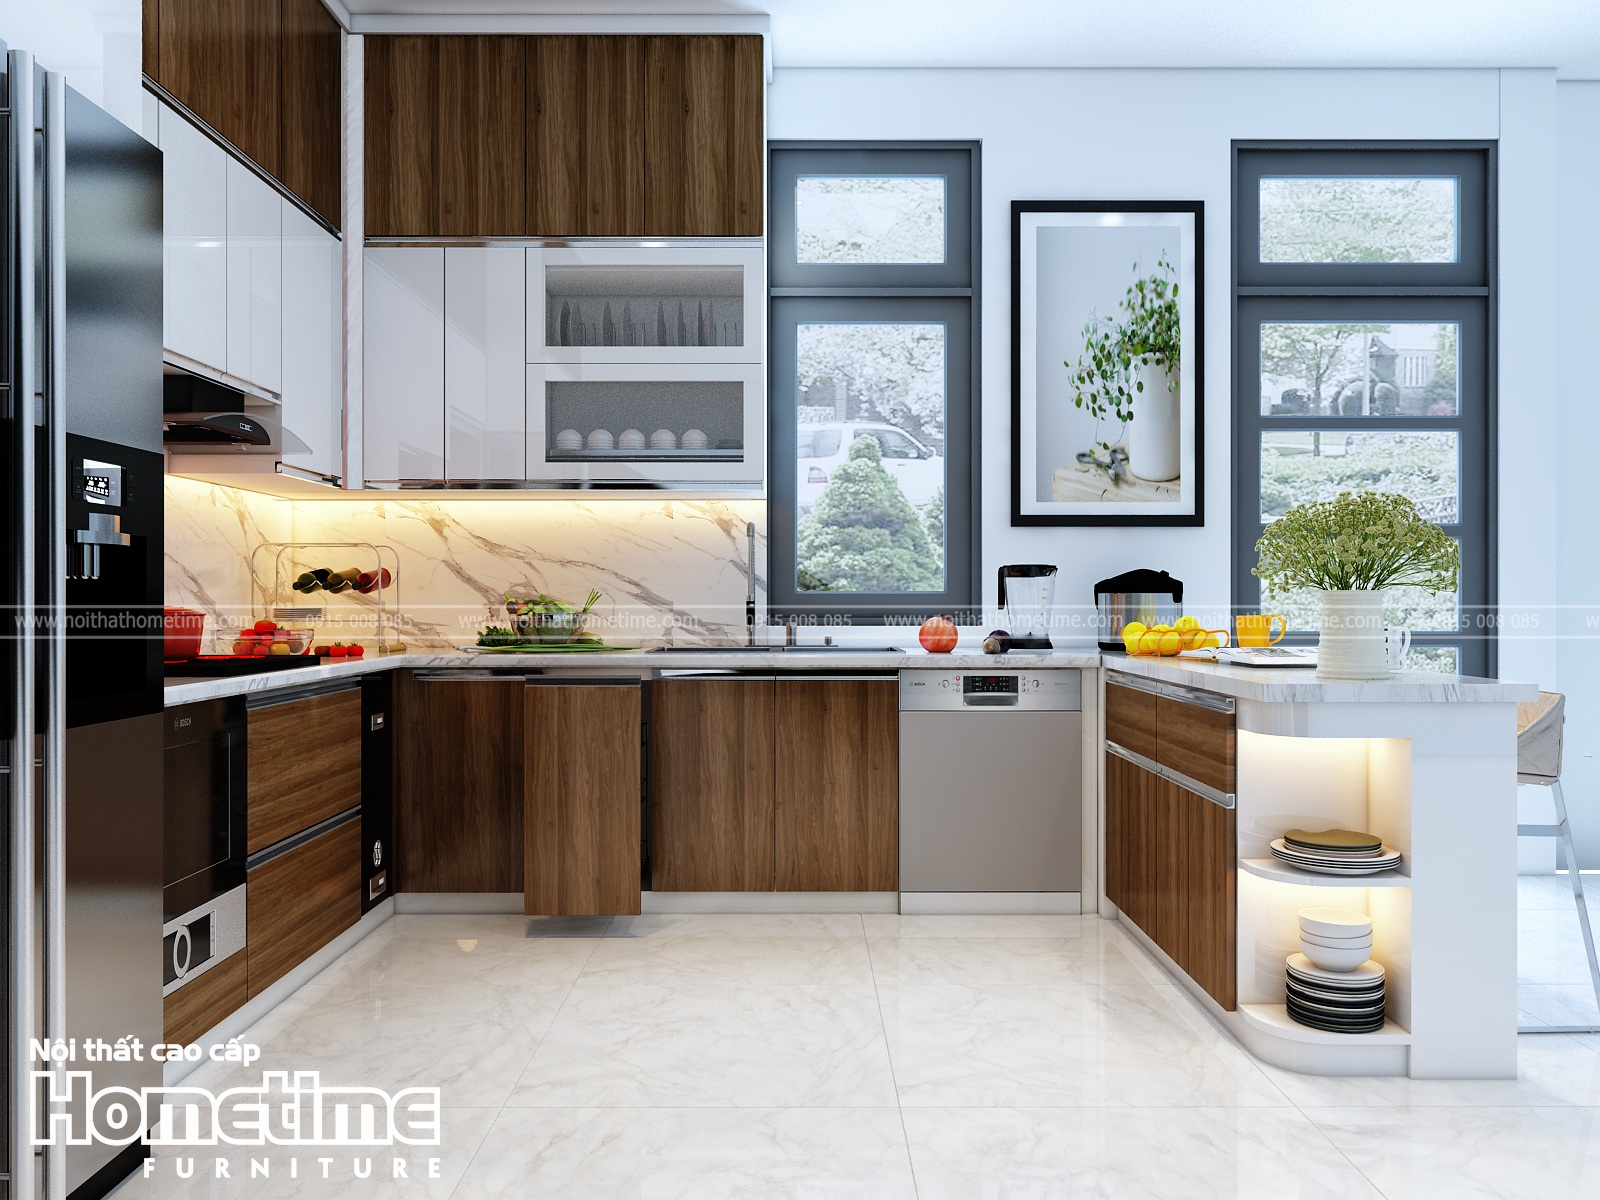 Thiết kế các mẫu tủ bếp chữ U đẹp phủ laminate kết hợp sơn men cao cấp